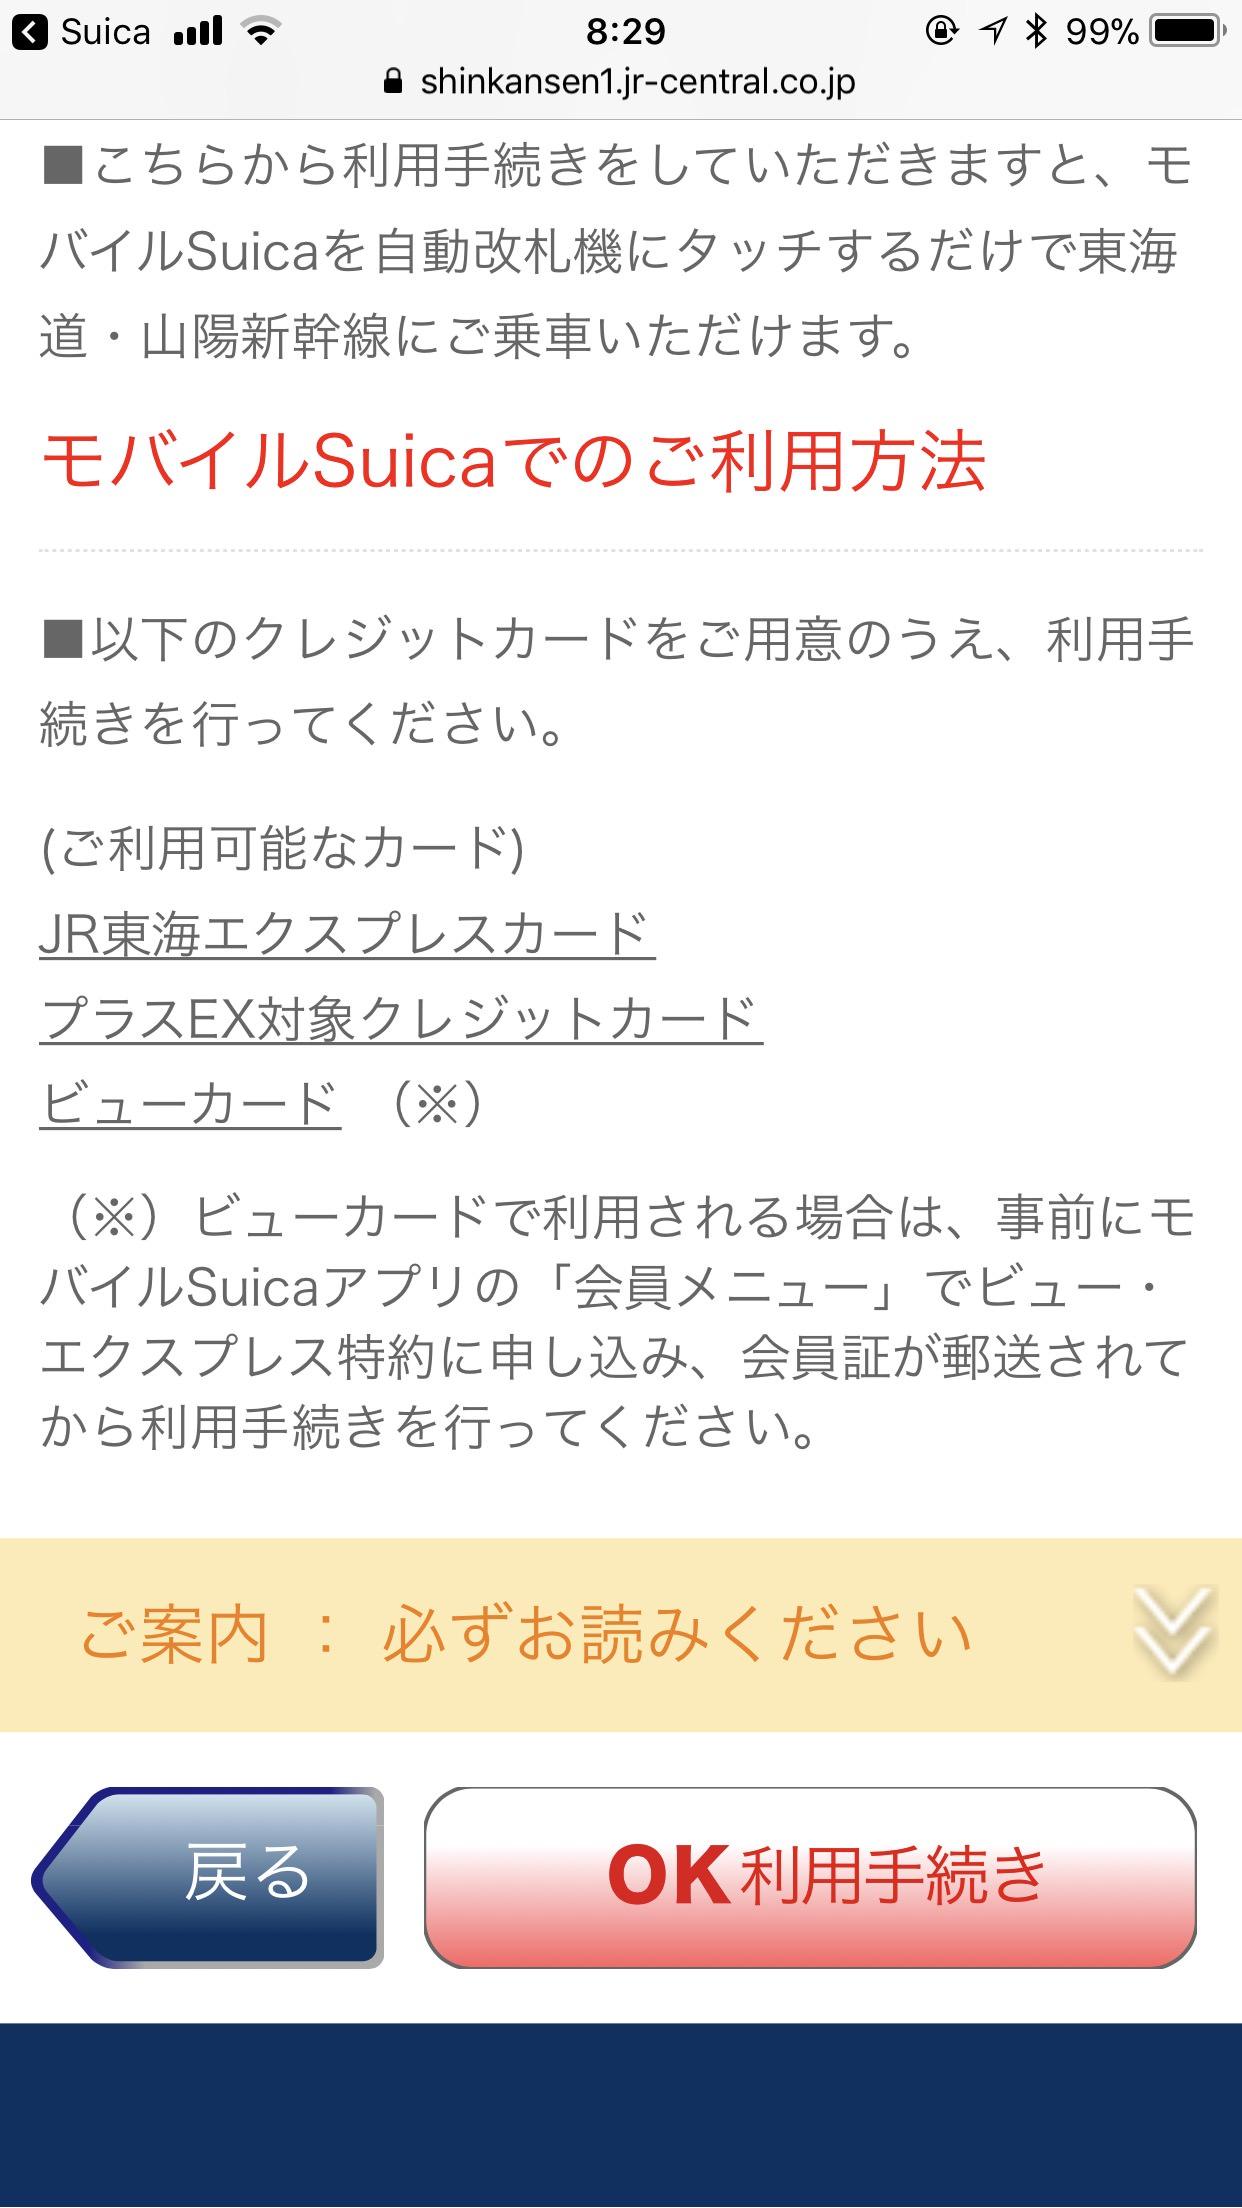 Suica ex mobile 9396